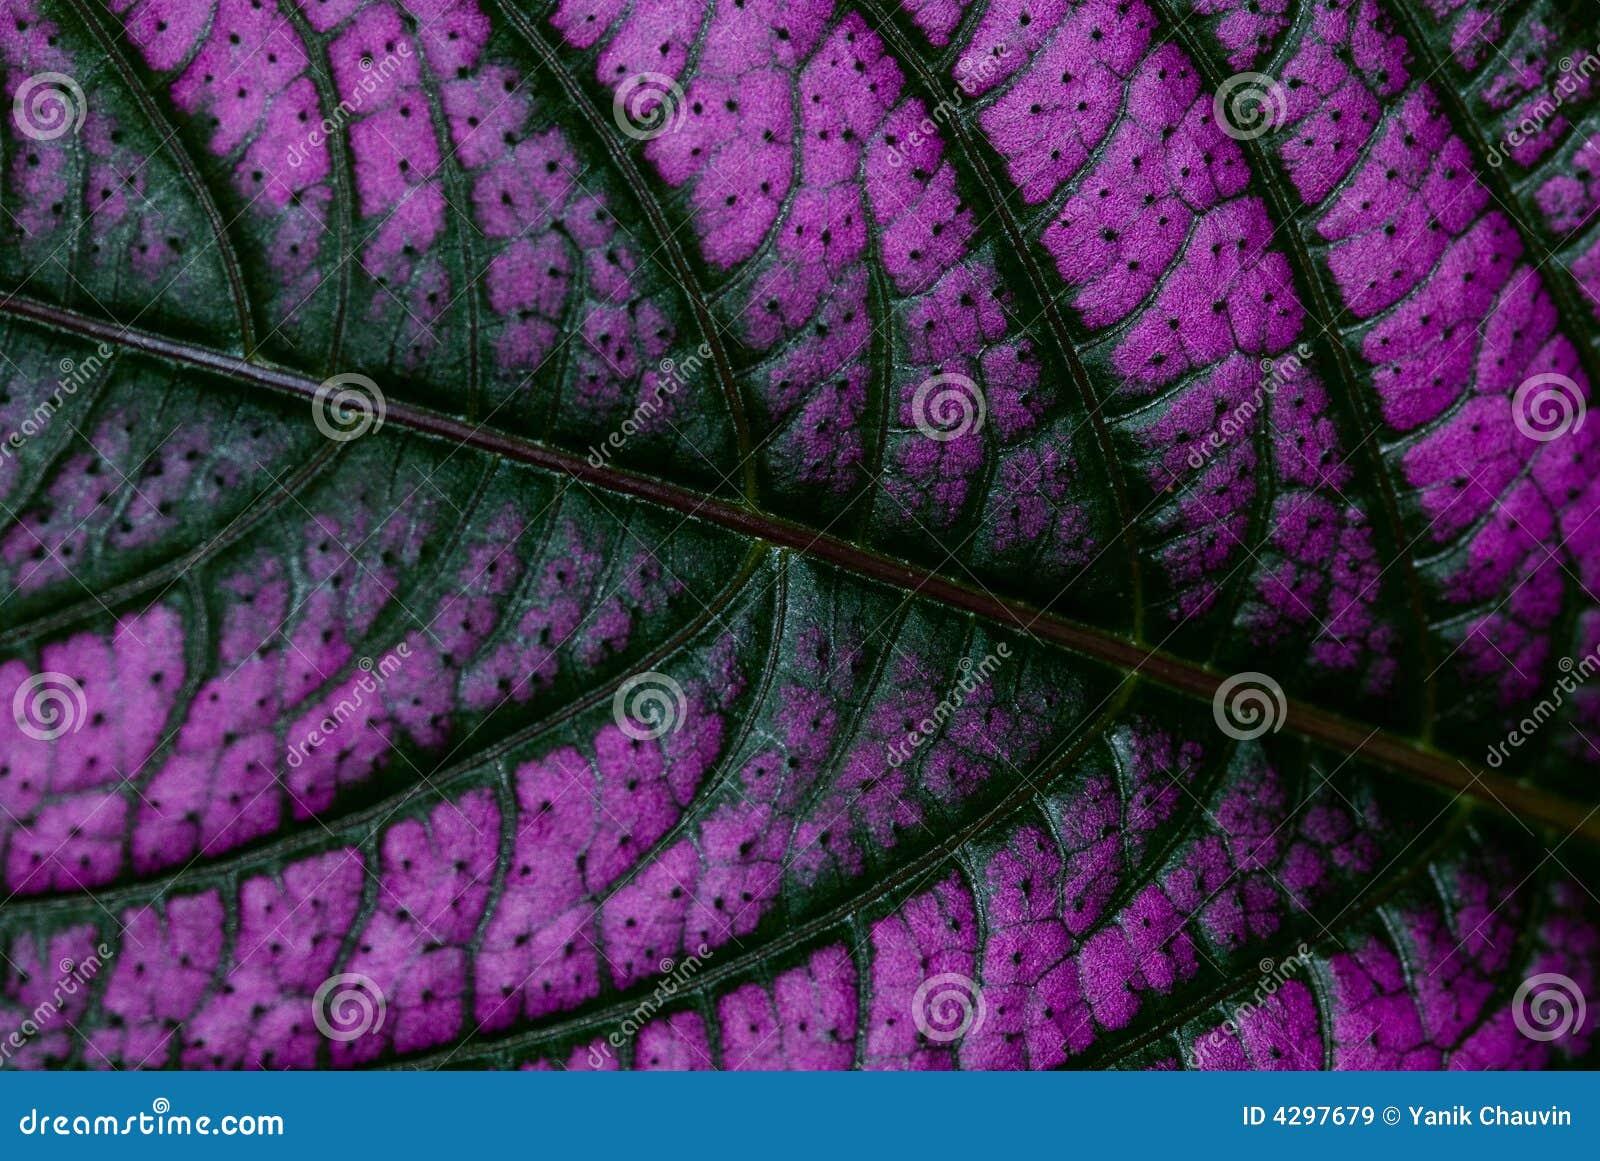 Leafpurple